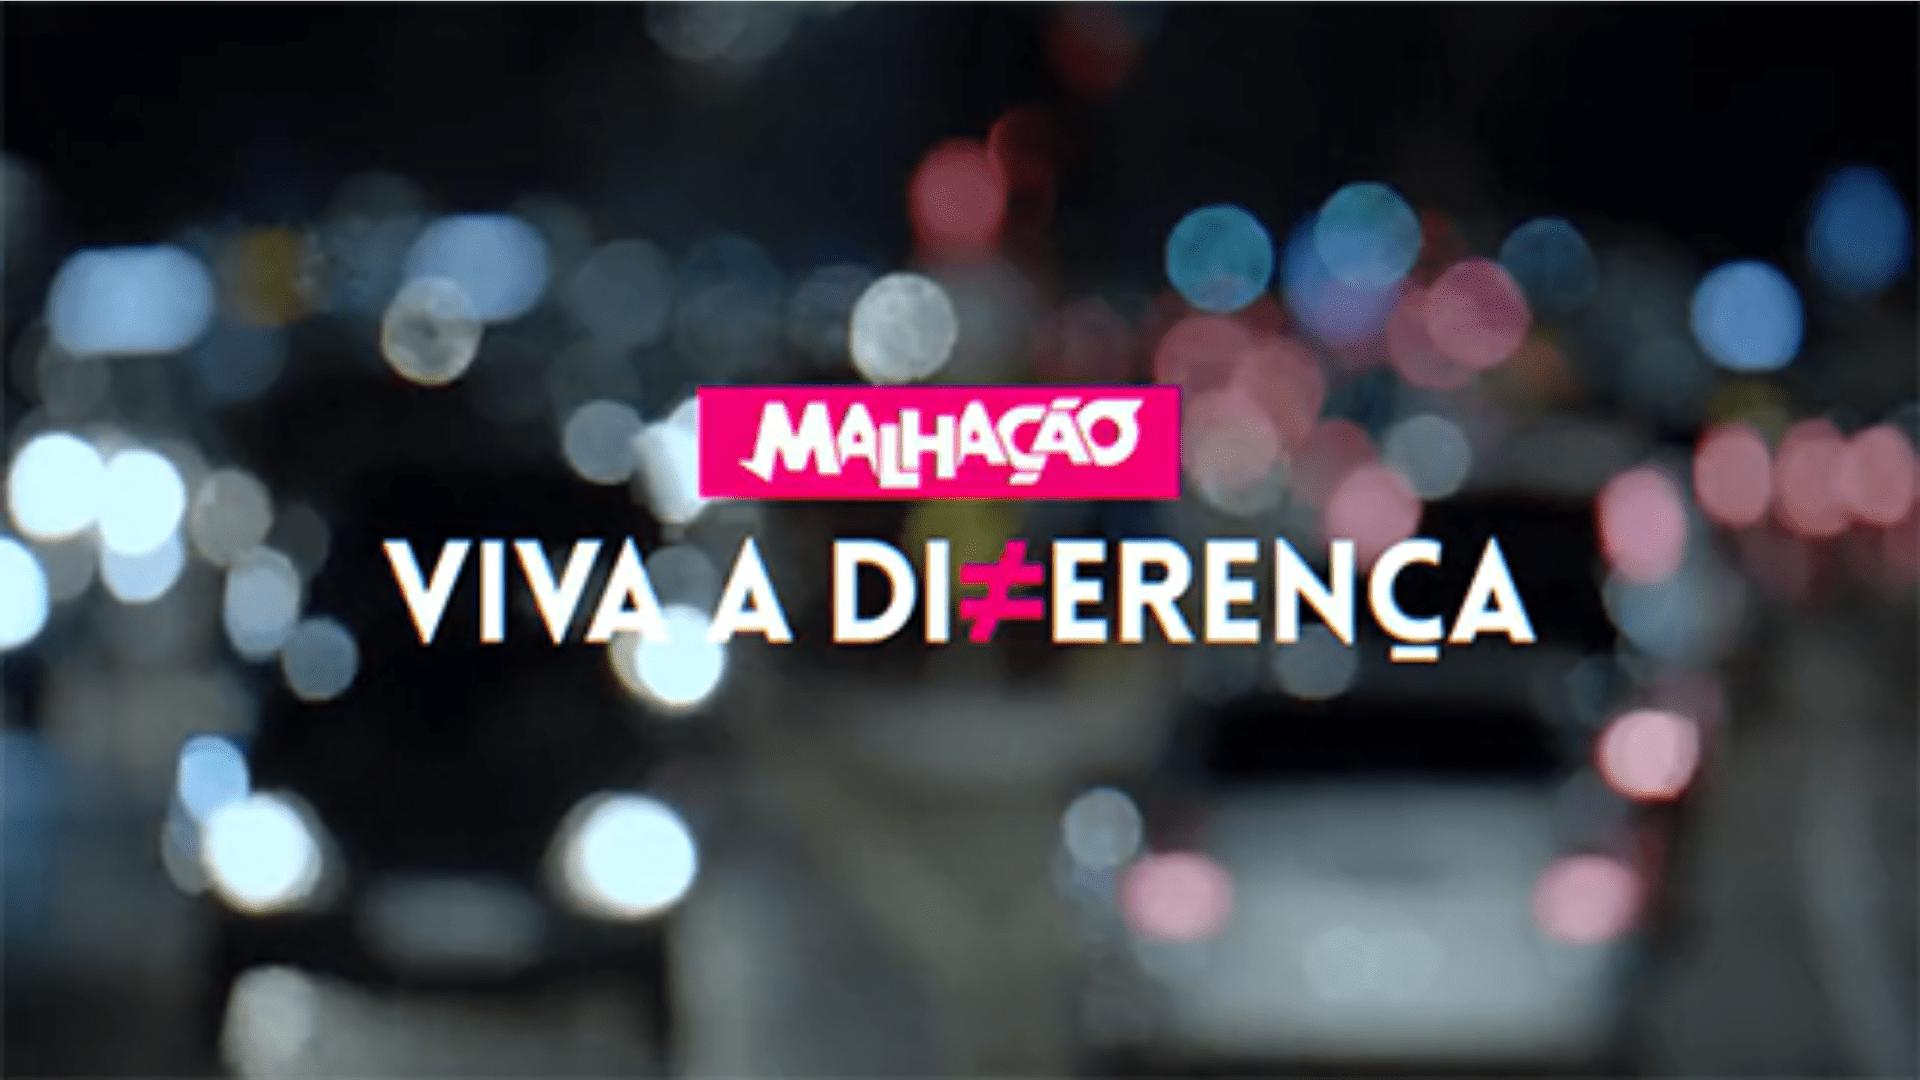 Novela Malhação - Viva a Diferença (Imagem: Divulgação/Globo)